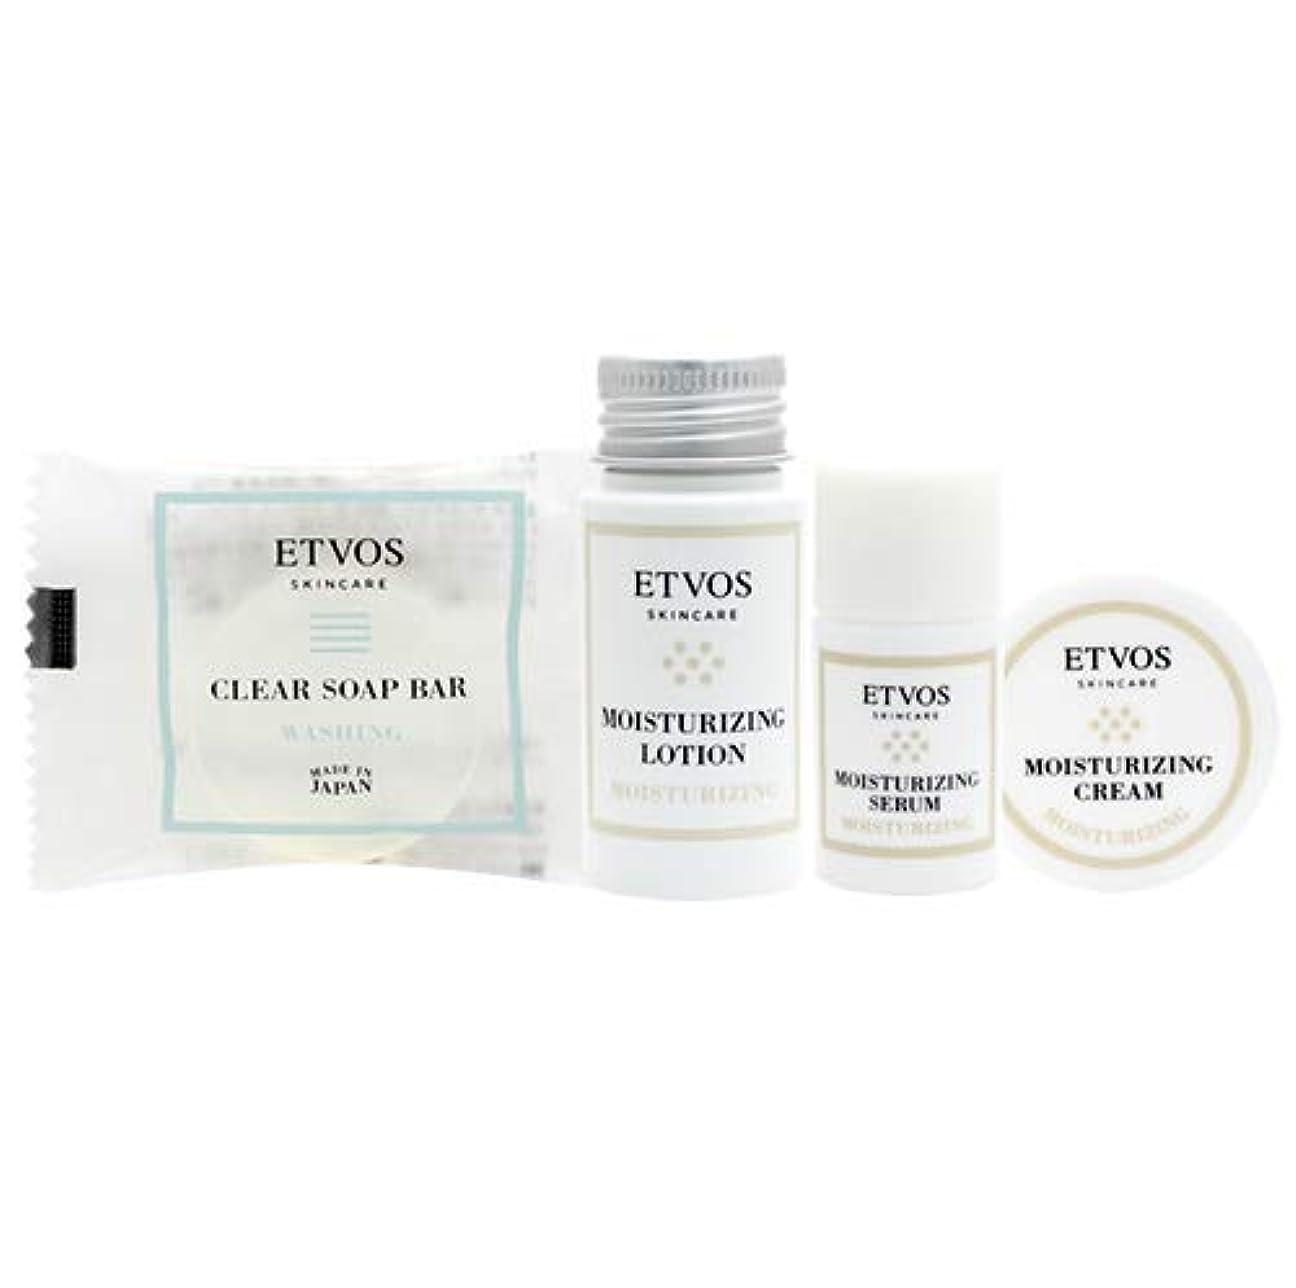 準備する予感団結ETVOS(エトヴォス) モイスチャーライントラベルセット 2週間お試し[洗顔石鹸/化粧水/美容液/保湿クリーム]